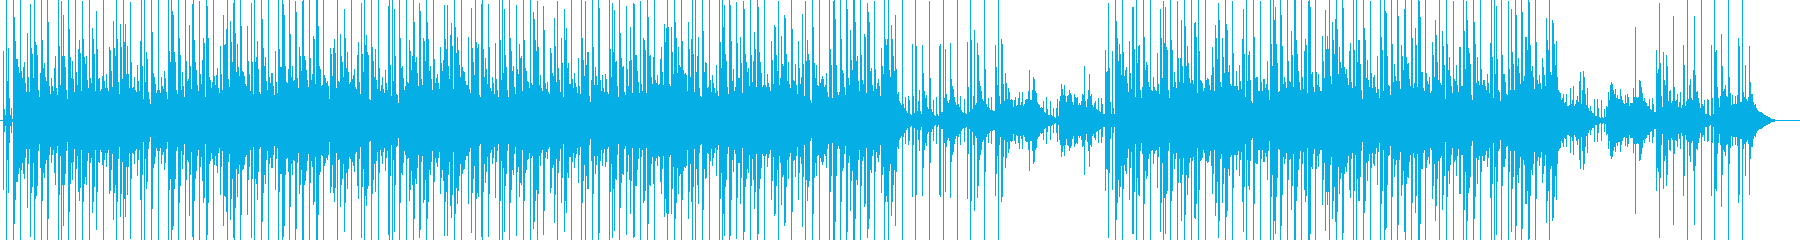 優しいアコギとエレピのメロウHipHopの再生済みの波形